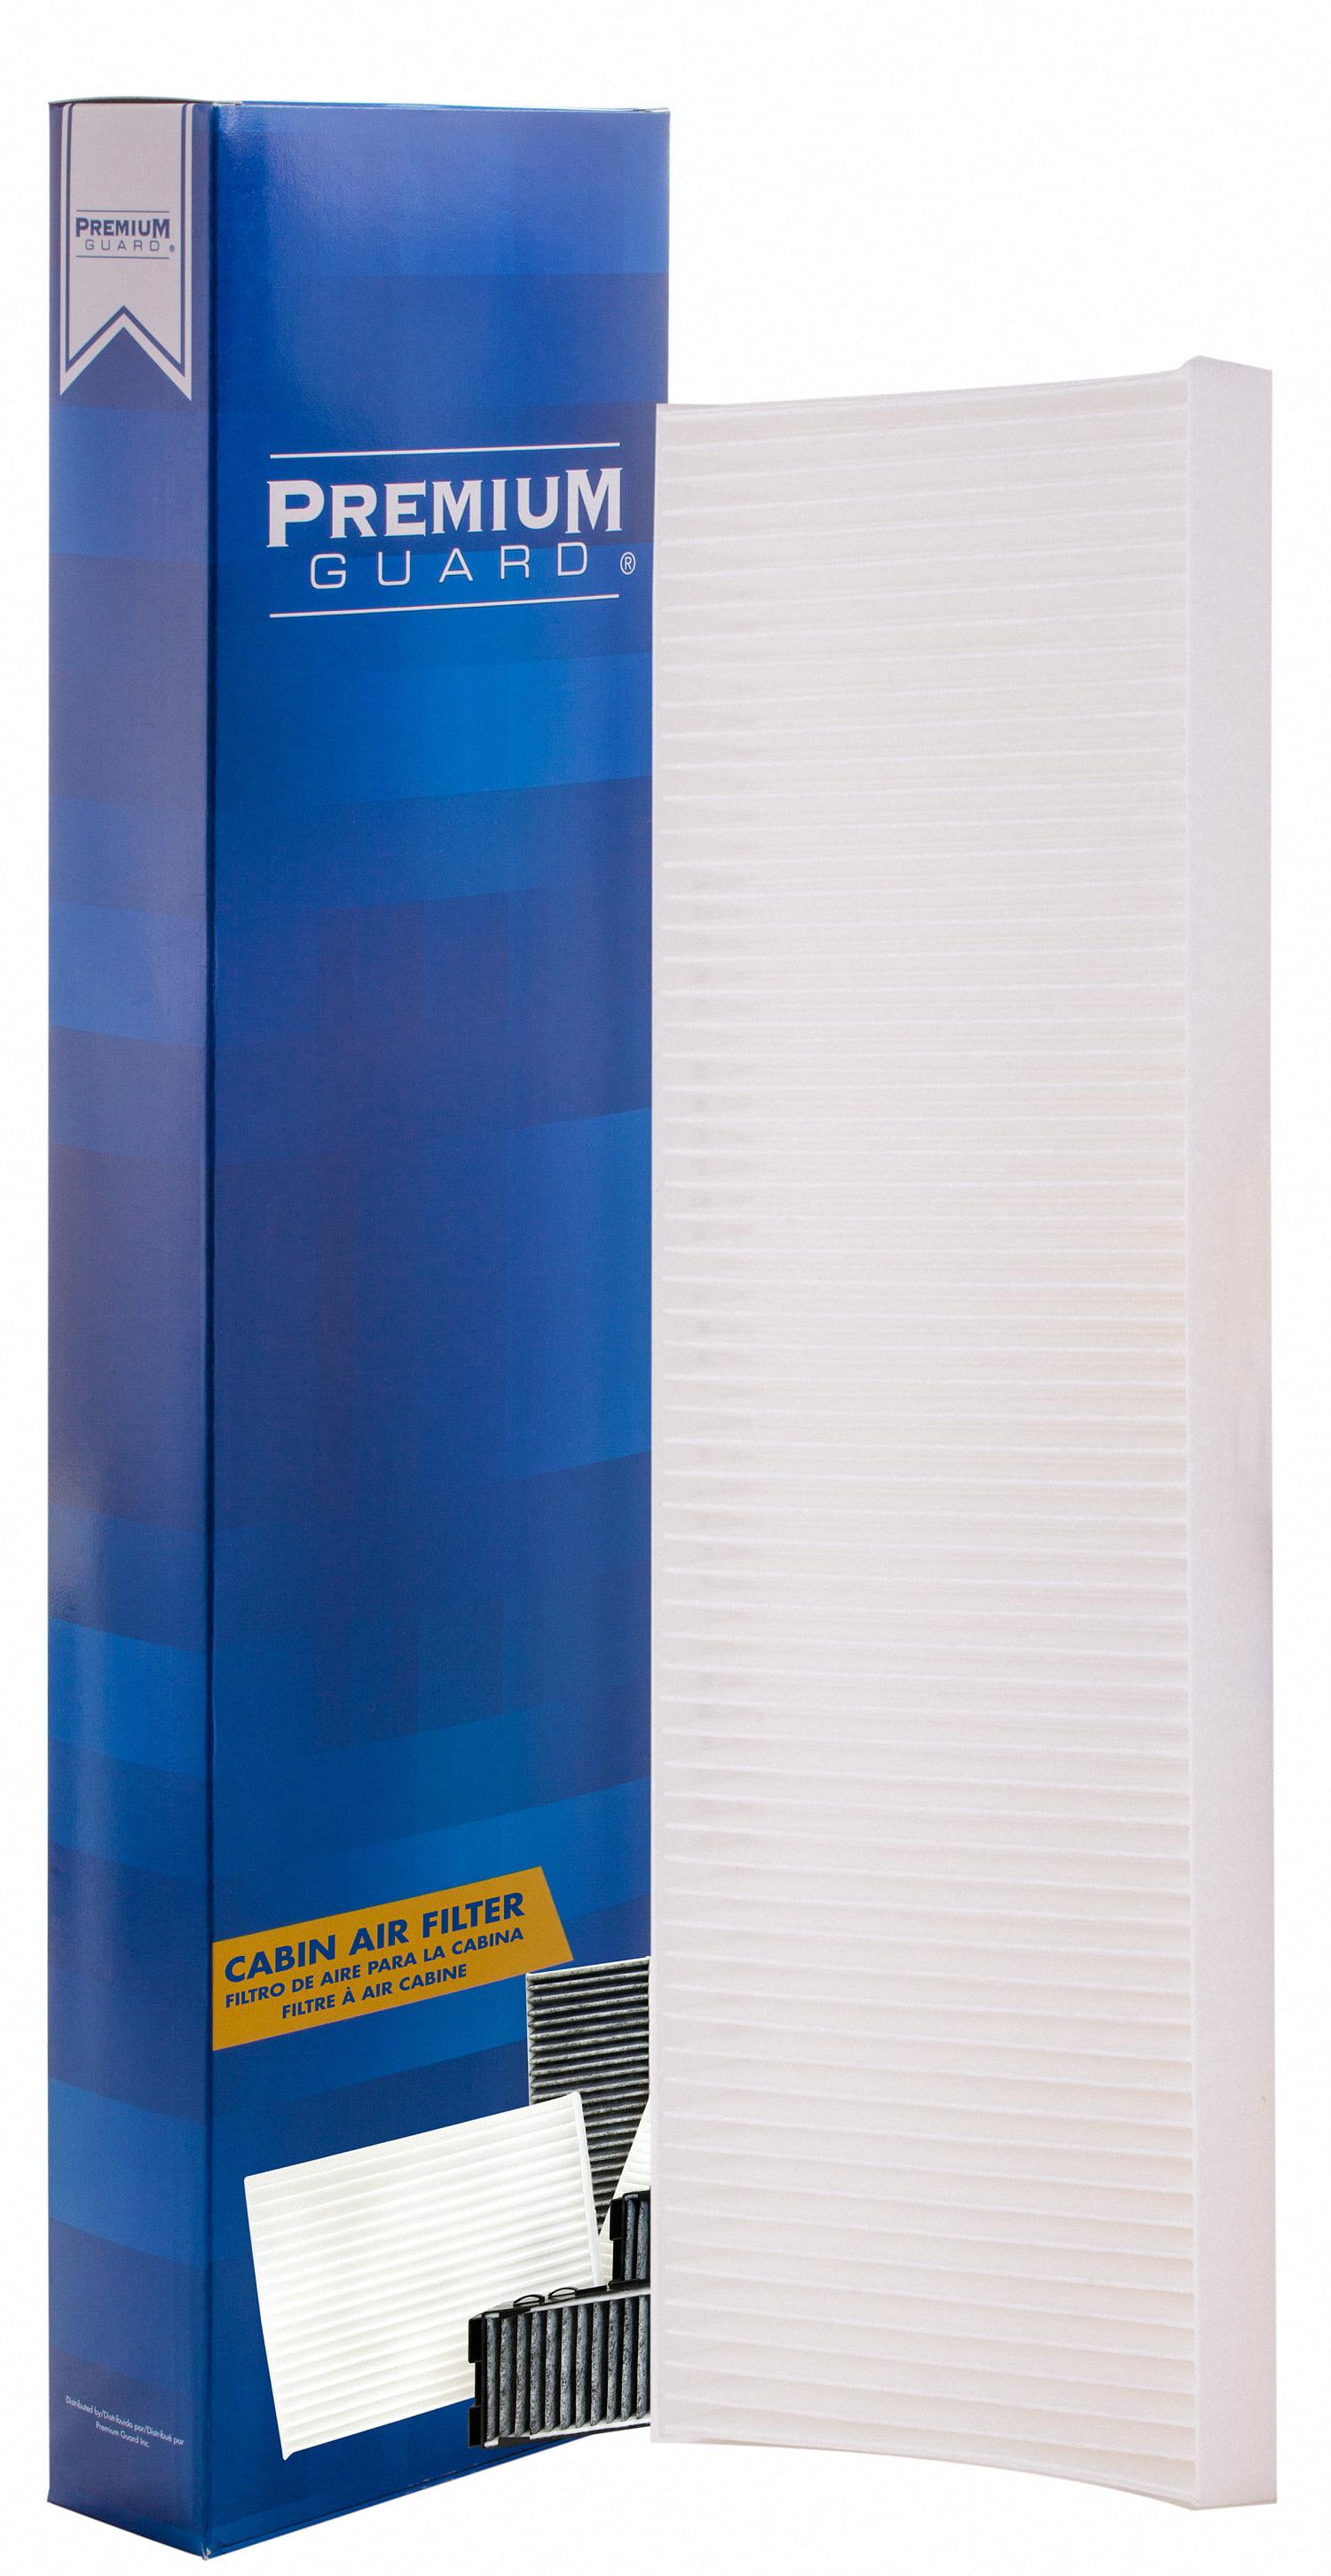 C25480 Cabin Air Filter Fit:SATURN L100 L200 L300 LS LS1 LS2 LW1 LW2 LW200 LW300